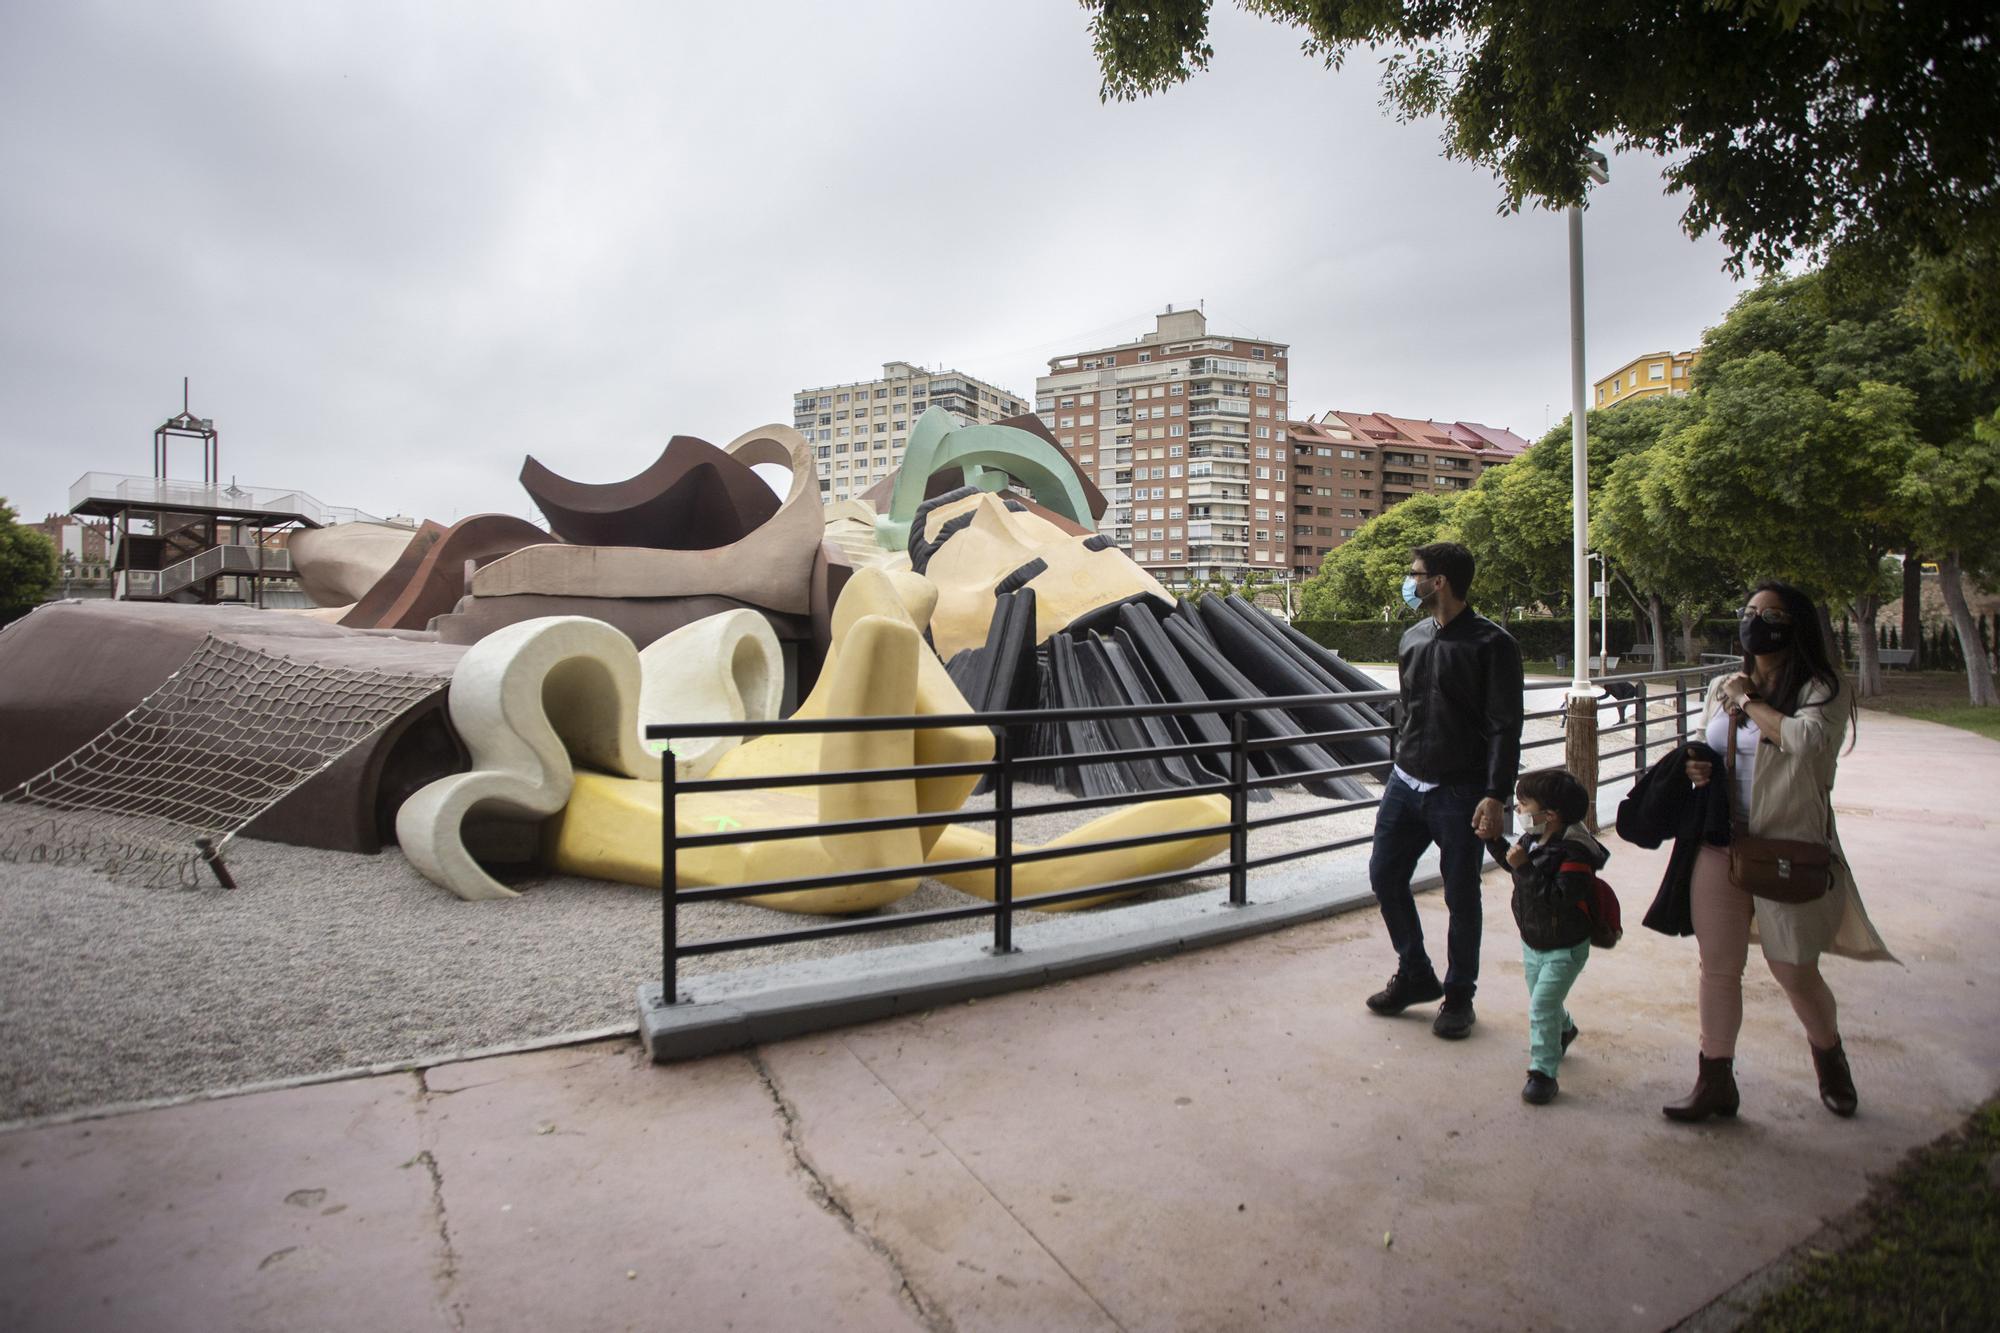 Así ha sido el cierre del parque Gulliver por la alergia de la nueva pintura